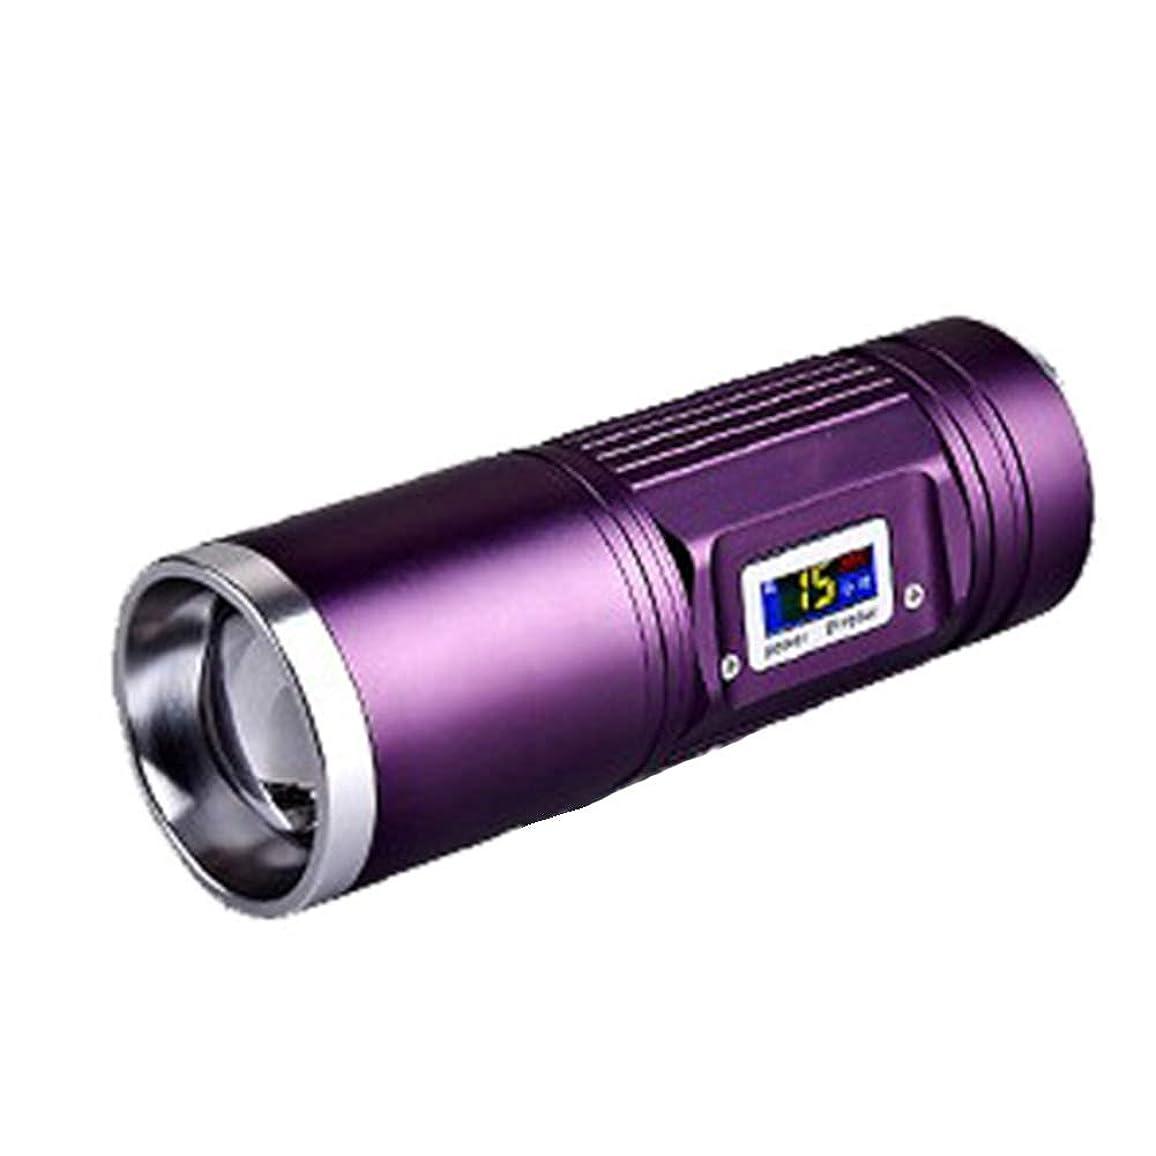 混乱させる分割扱いやすい15W 4灯ナイトフィッシングライト 釣りランプ USB充電 デジタルディスプレイ 調整可能フォーカスサーチライト